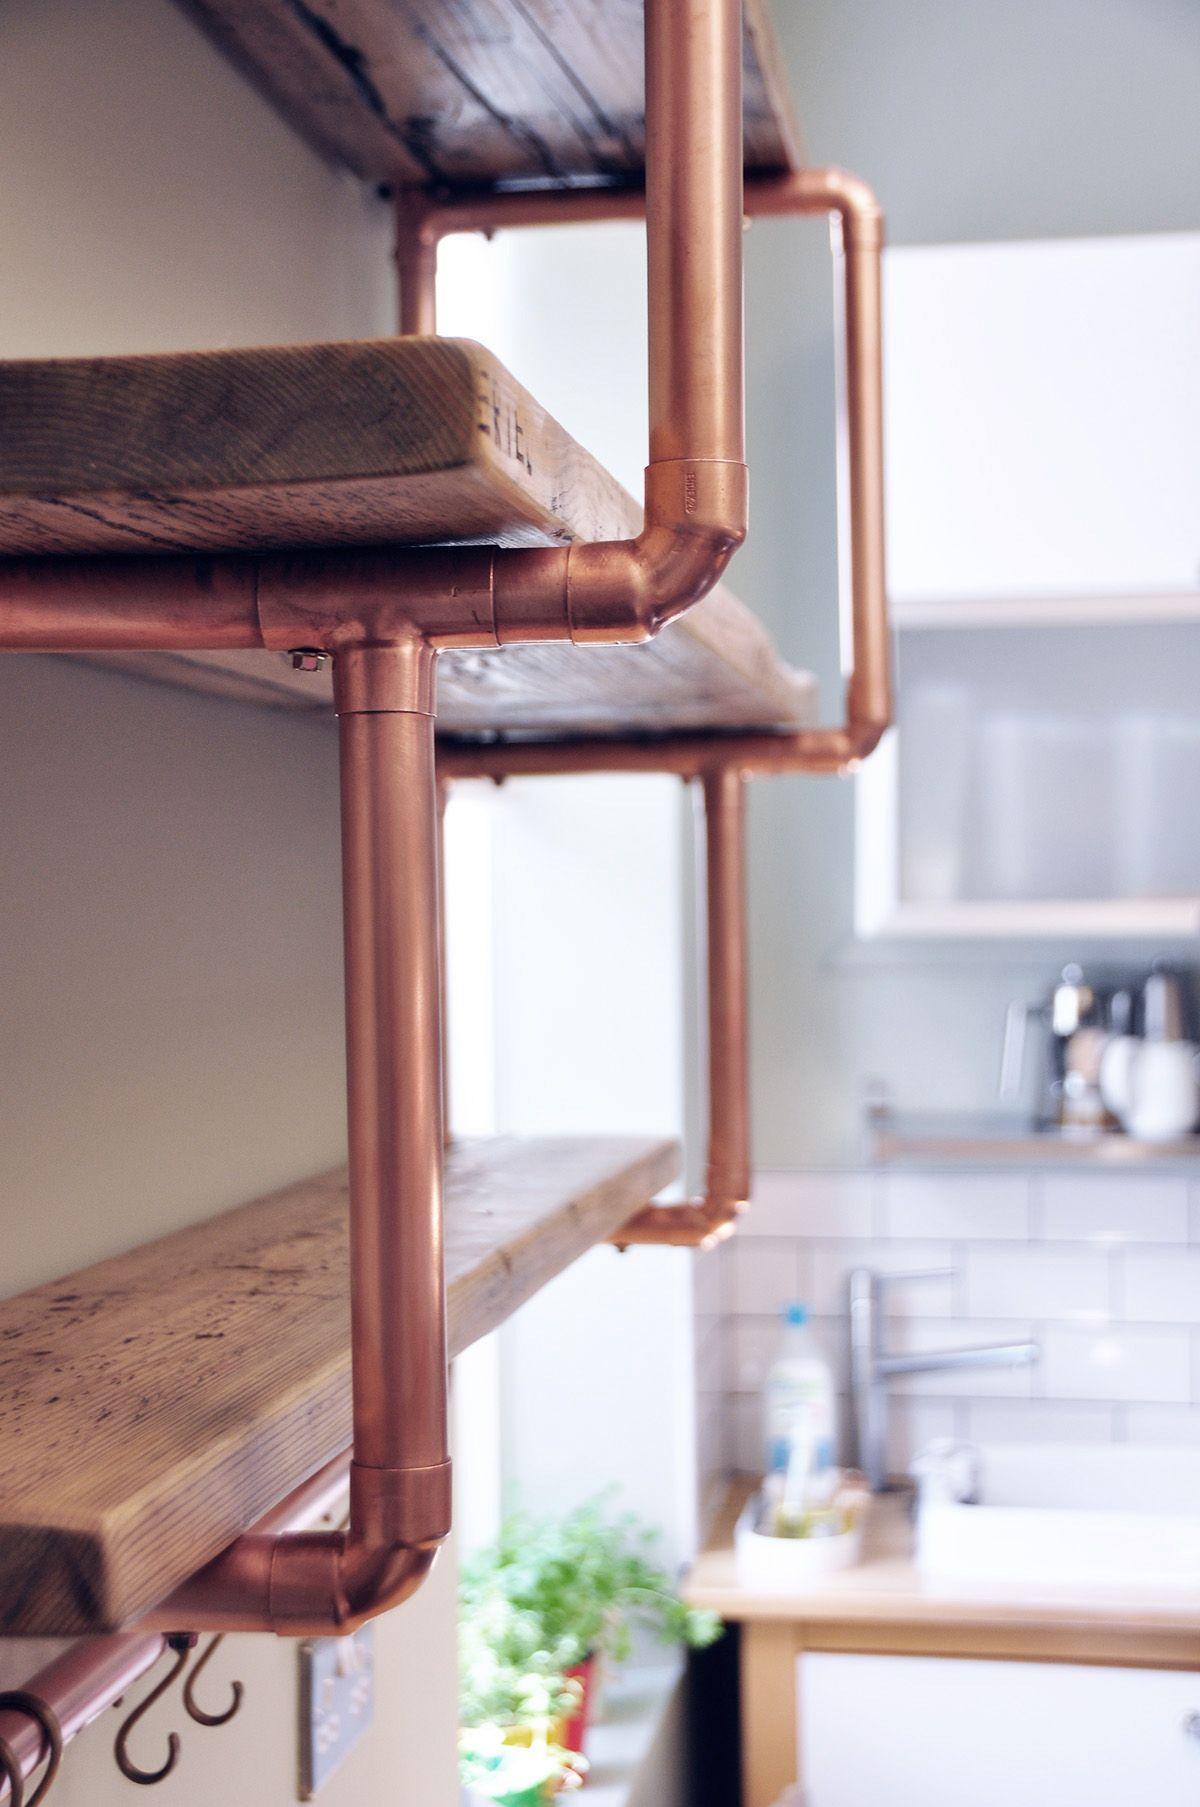 Medium 3 shelf stepped design 28mm copper